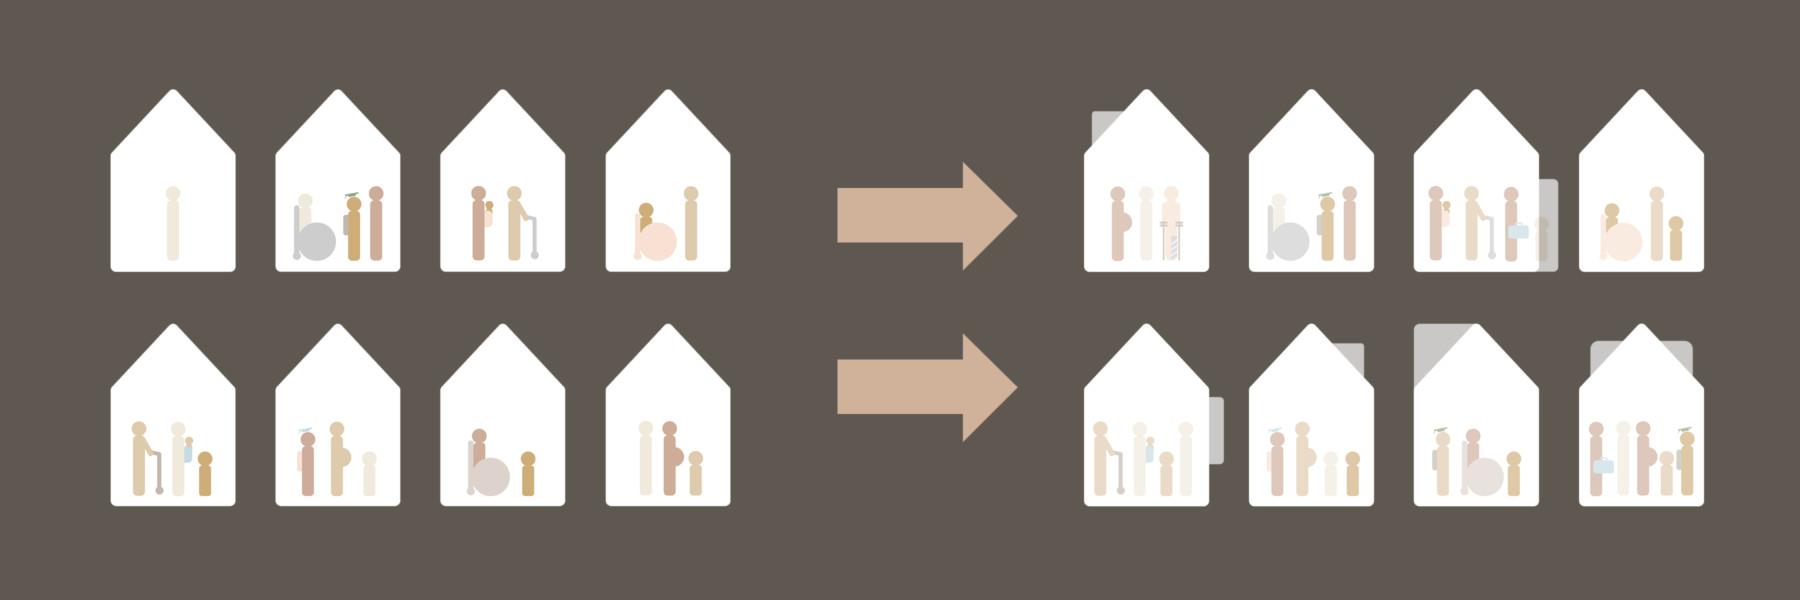 Sarah-Wigglesworth-Architects Sustainable Housing Housing Translation